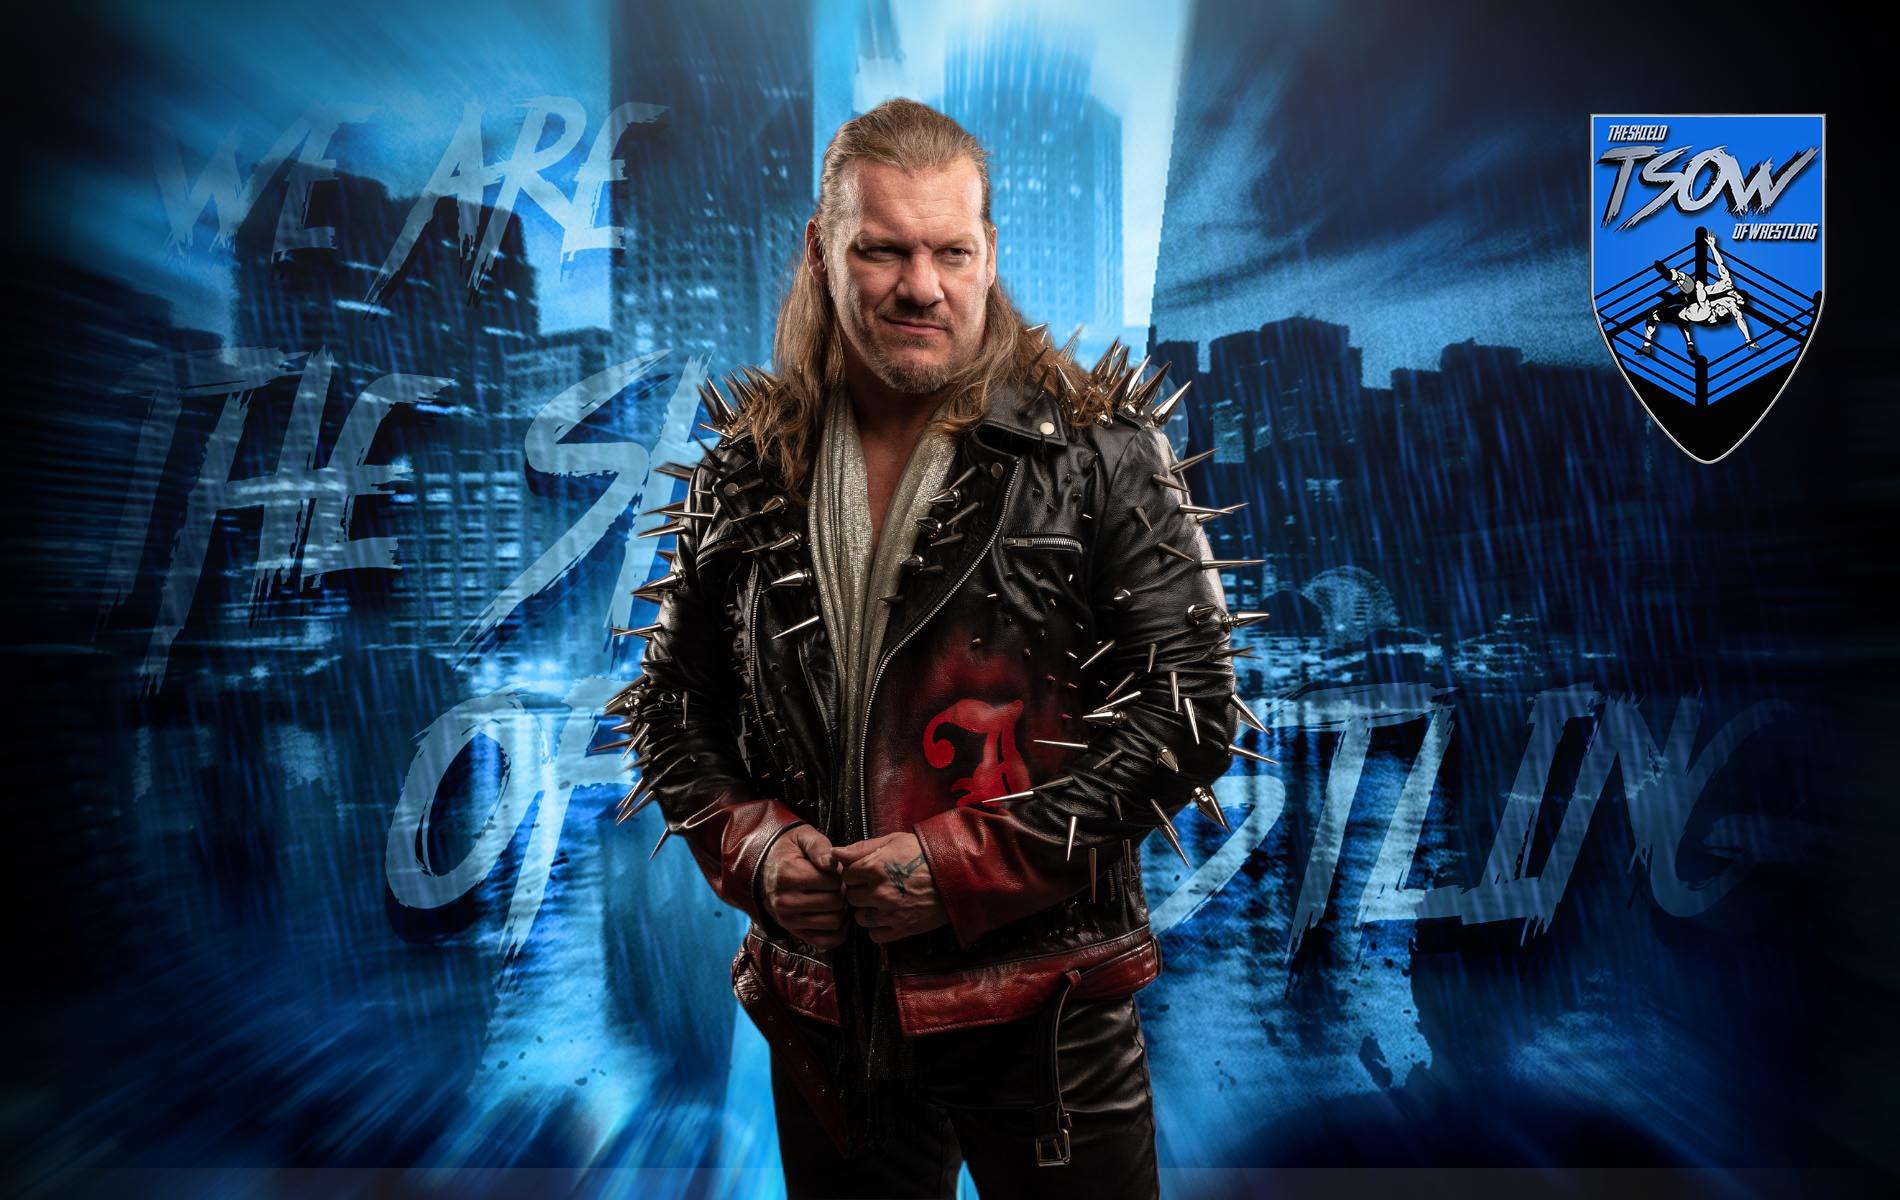 Chris Jericho svela quando la AEW sarà pericolosa per la WWE